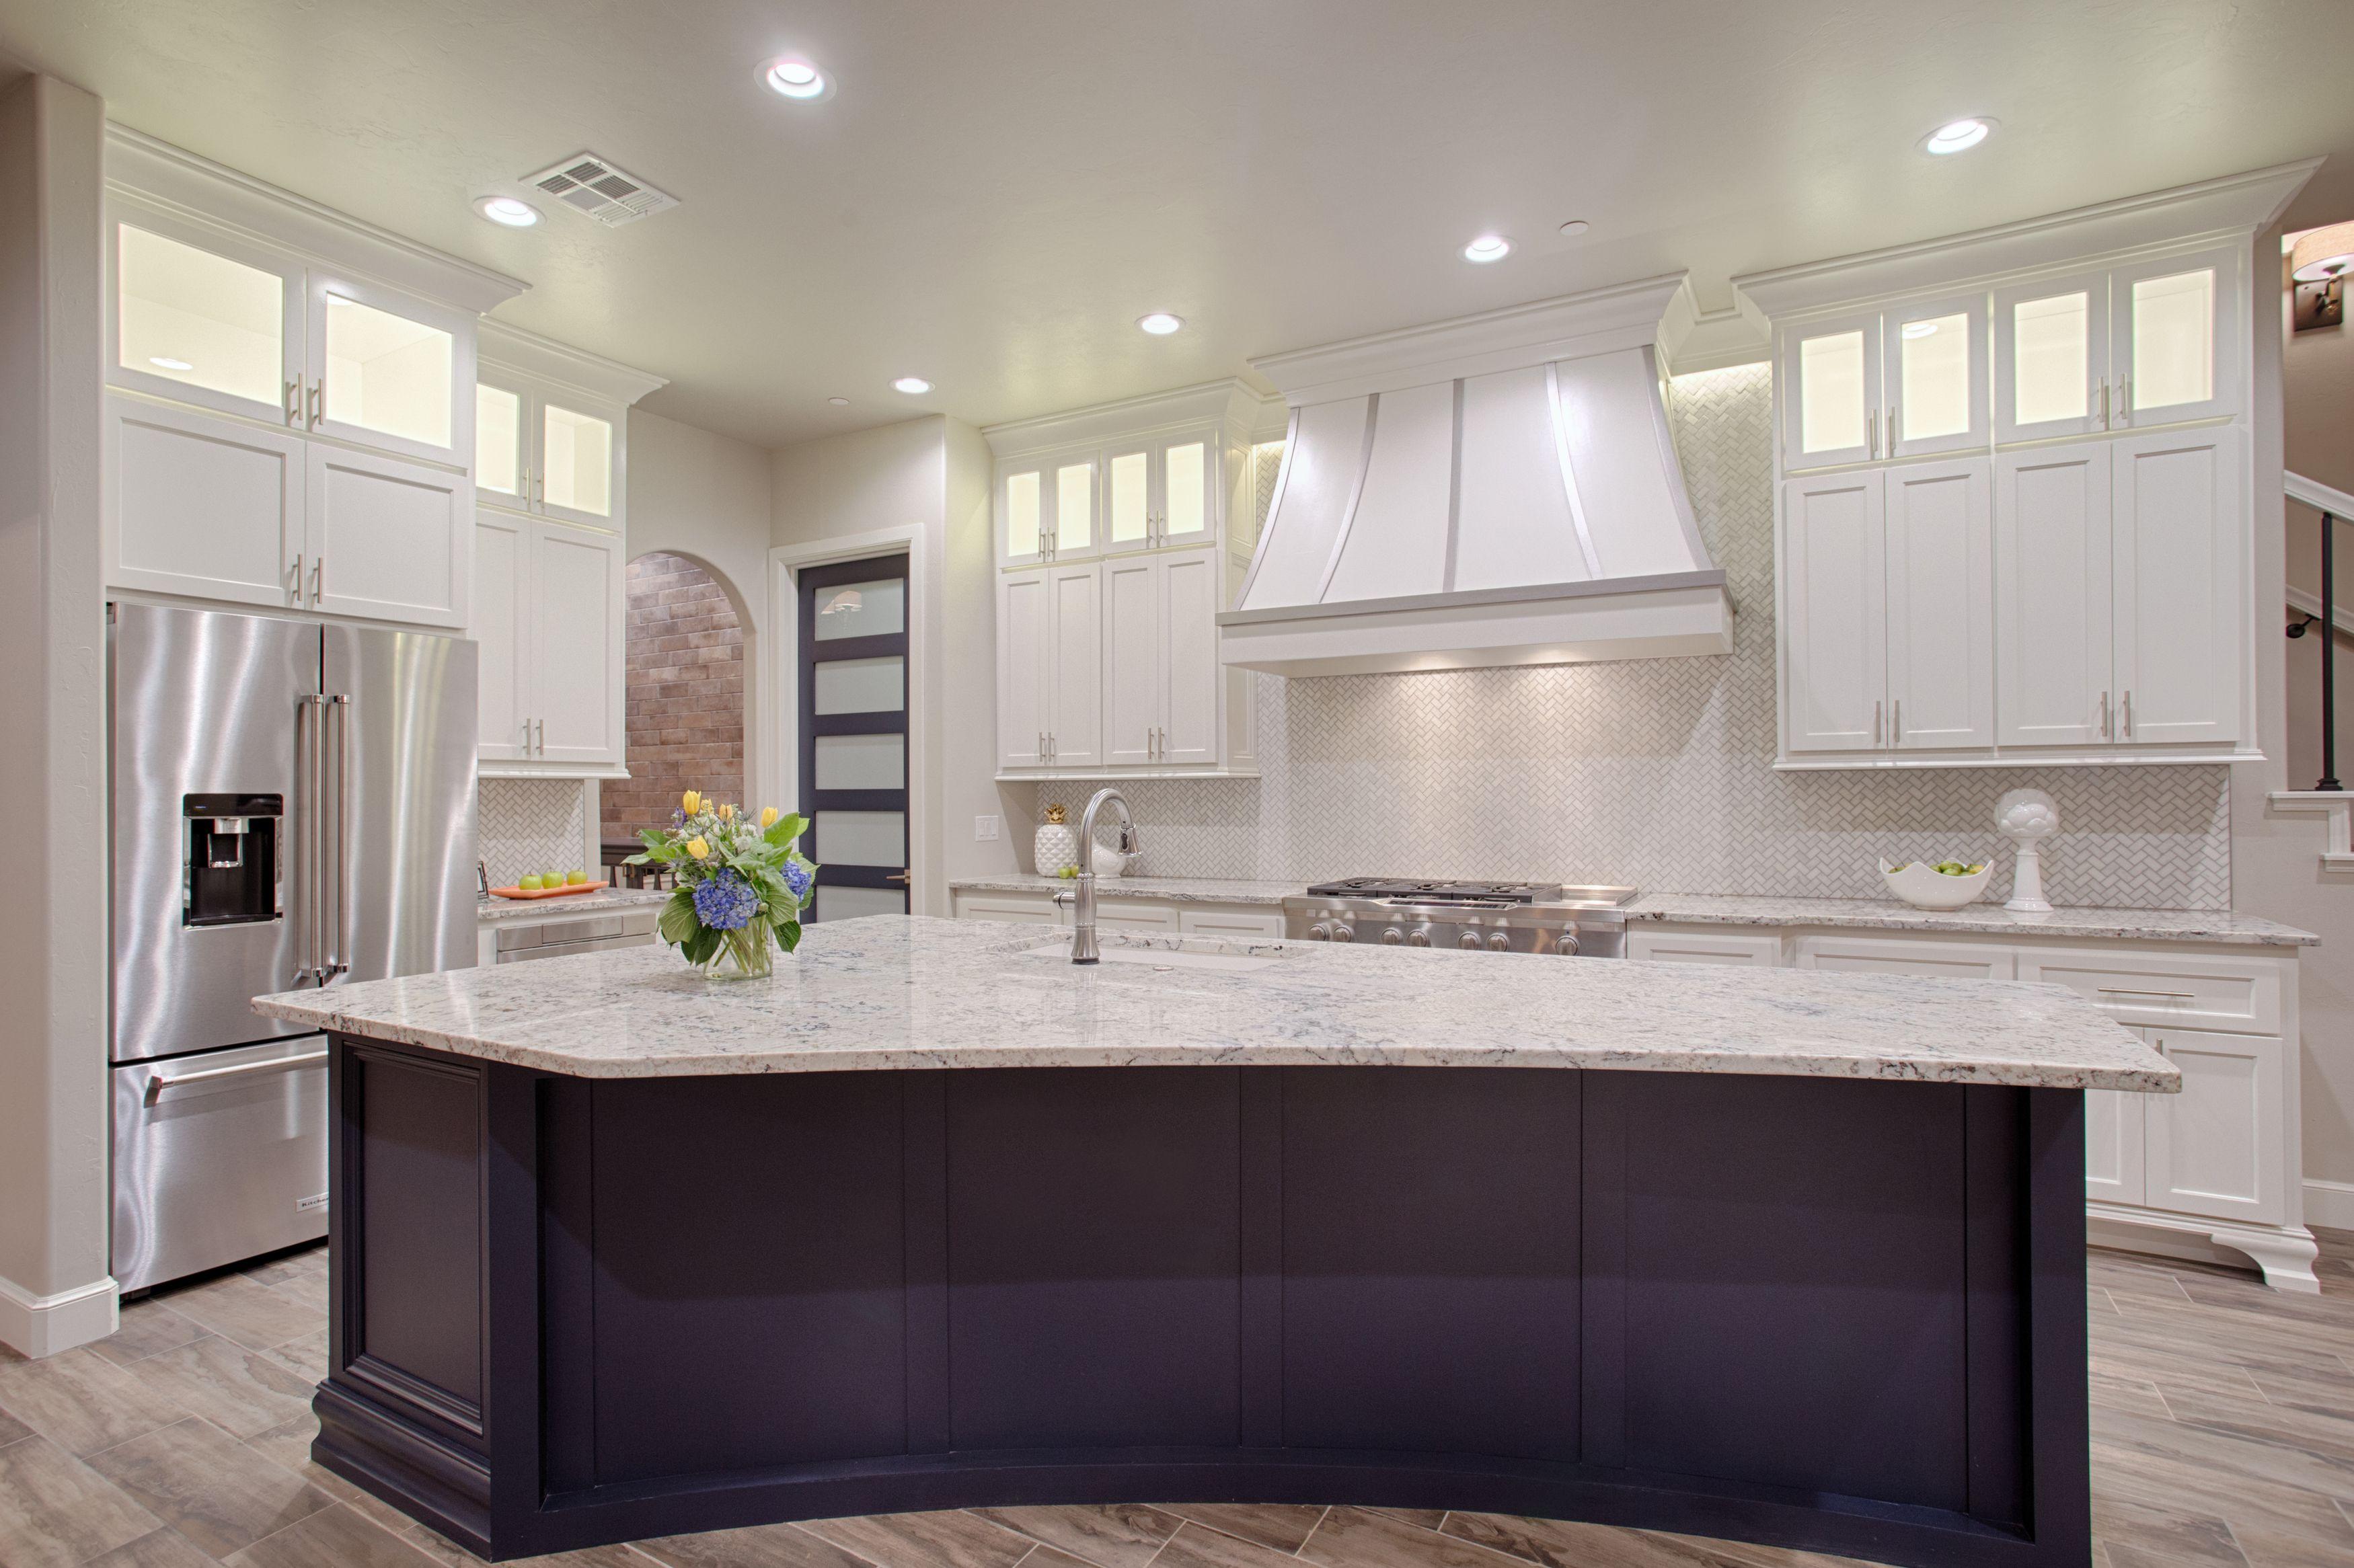 Kitchen | Kitchens | Pinterest | Kitchens, Future house and Future